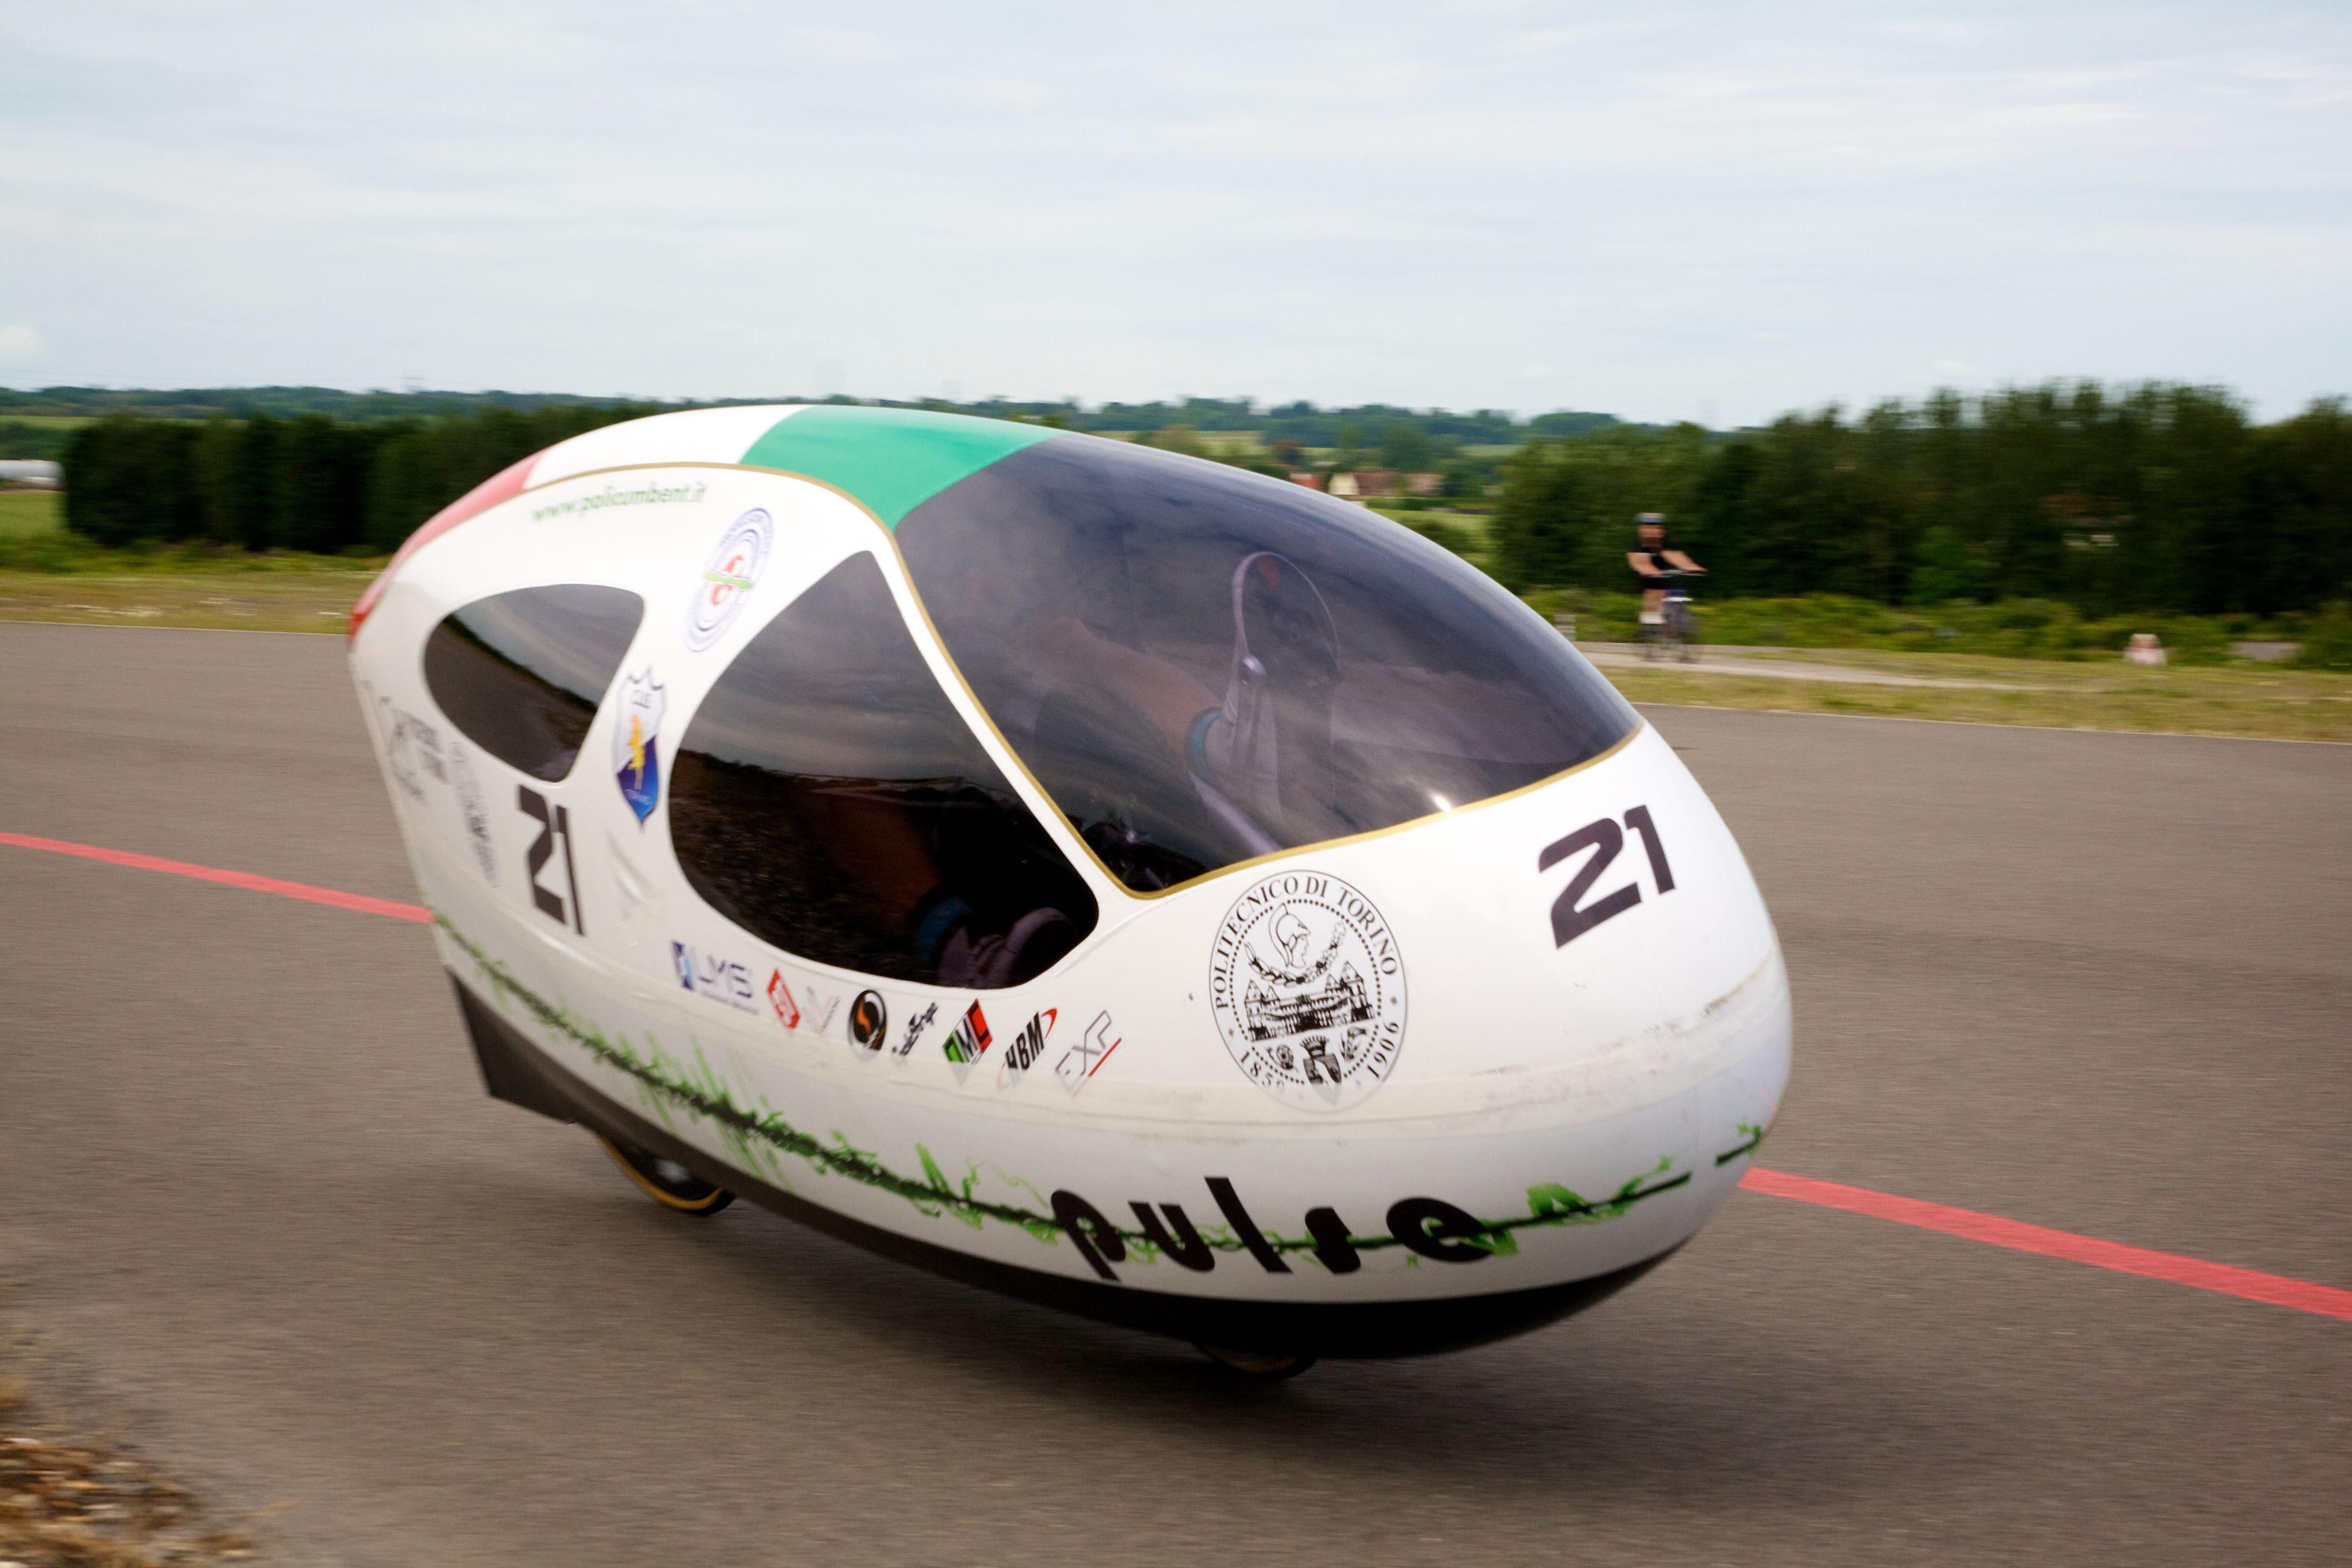 Kent acoge un campeonato de vehículos de tracción humana de ruedas